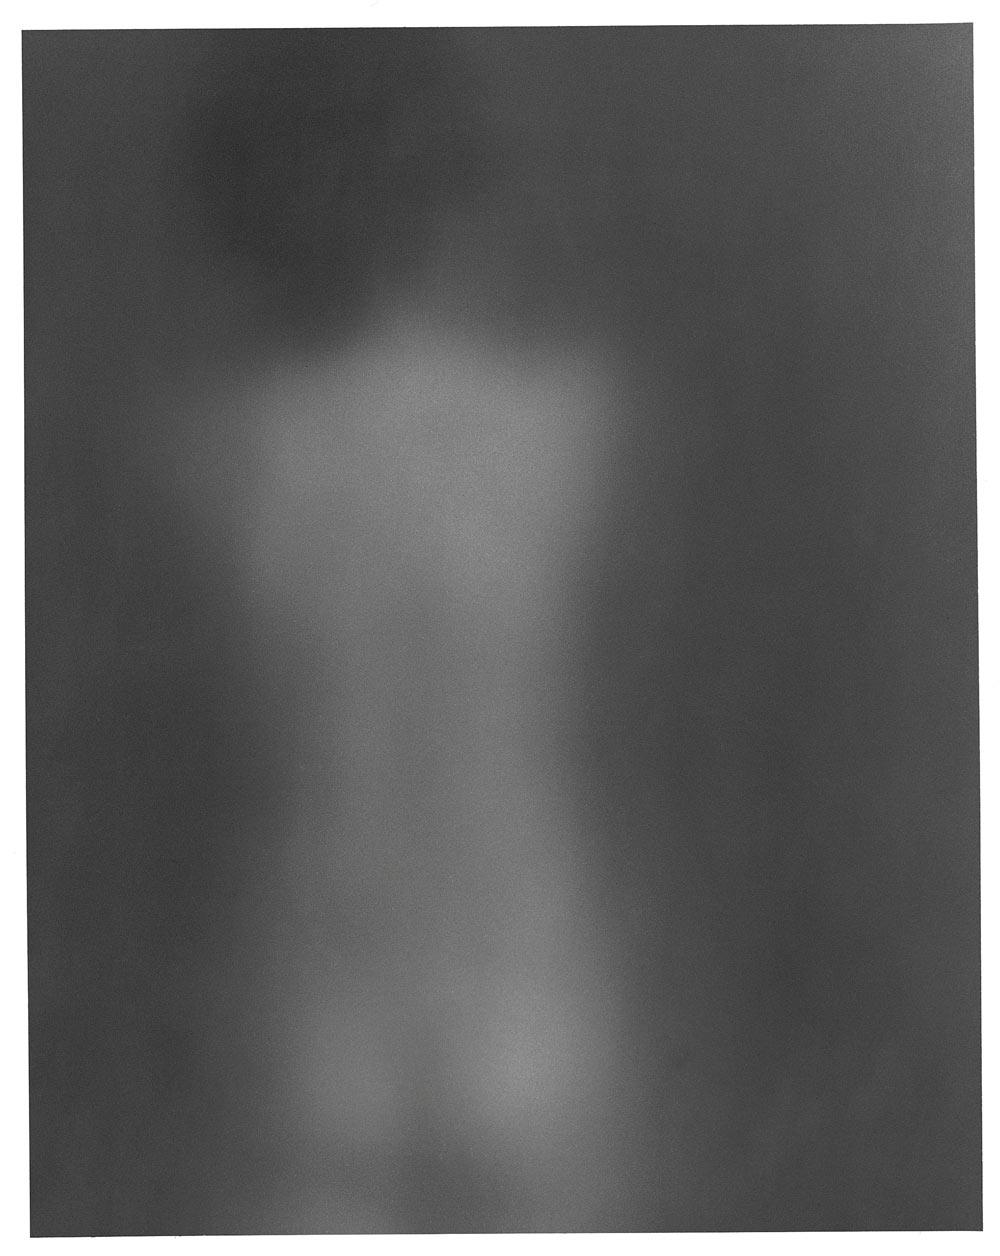 闵丙宪,《MG186》, 2010年。图片由艺术家提供。